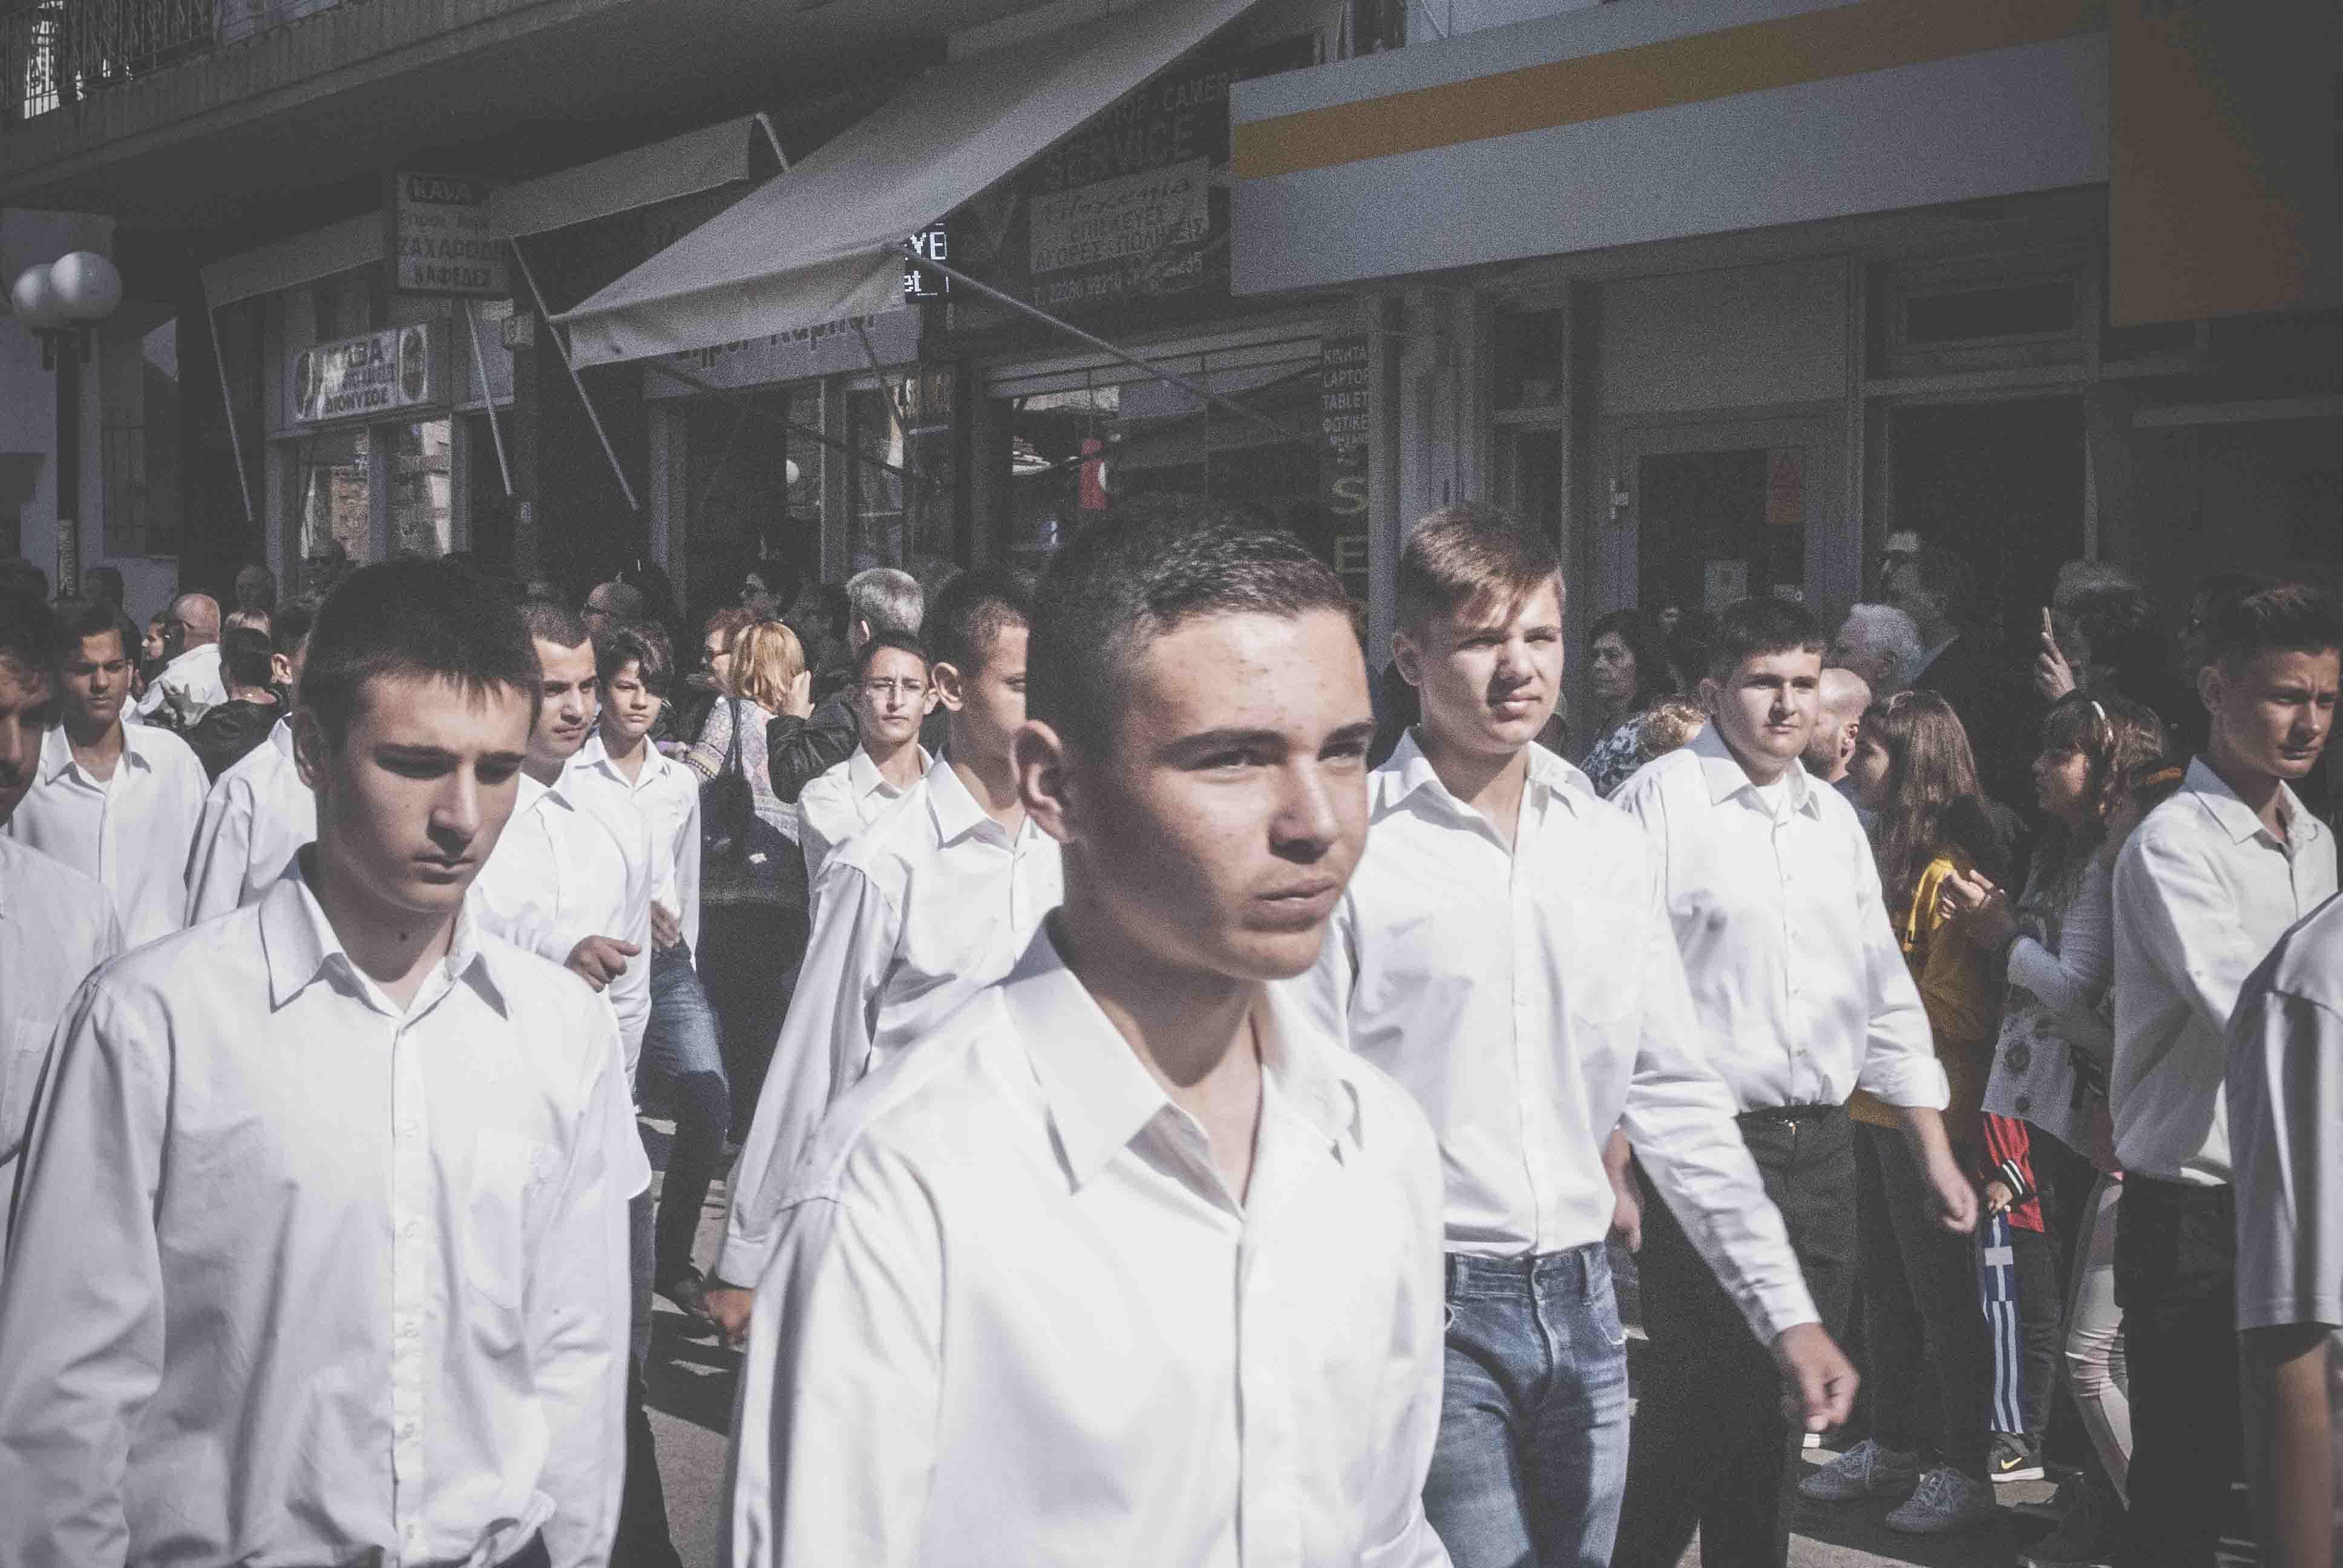 Φωτογραφικό υλικό από την παρέλαση στα Ψαχνά DSC 0427  Η παρέλαση της 28ης Οκτωβρίου σε Καστέλλα και Ψαχνά (φωτό) DSC 0427